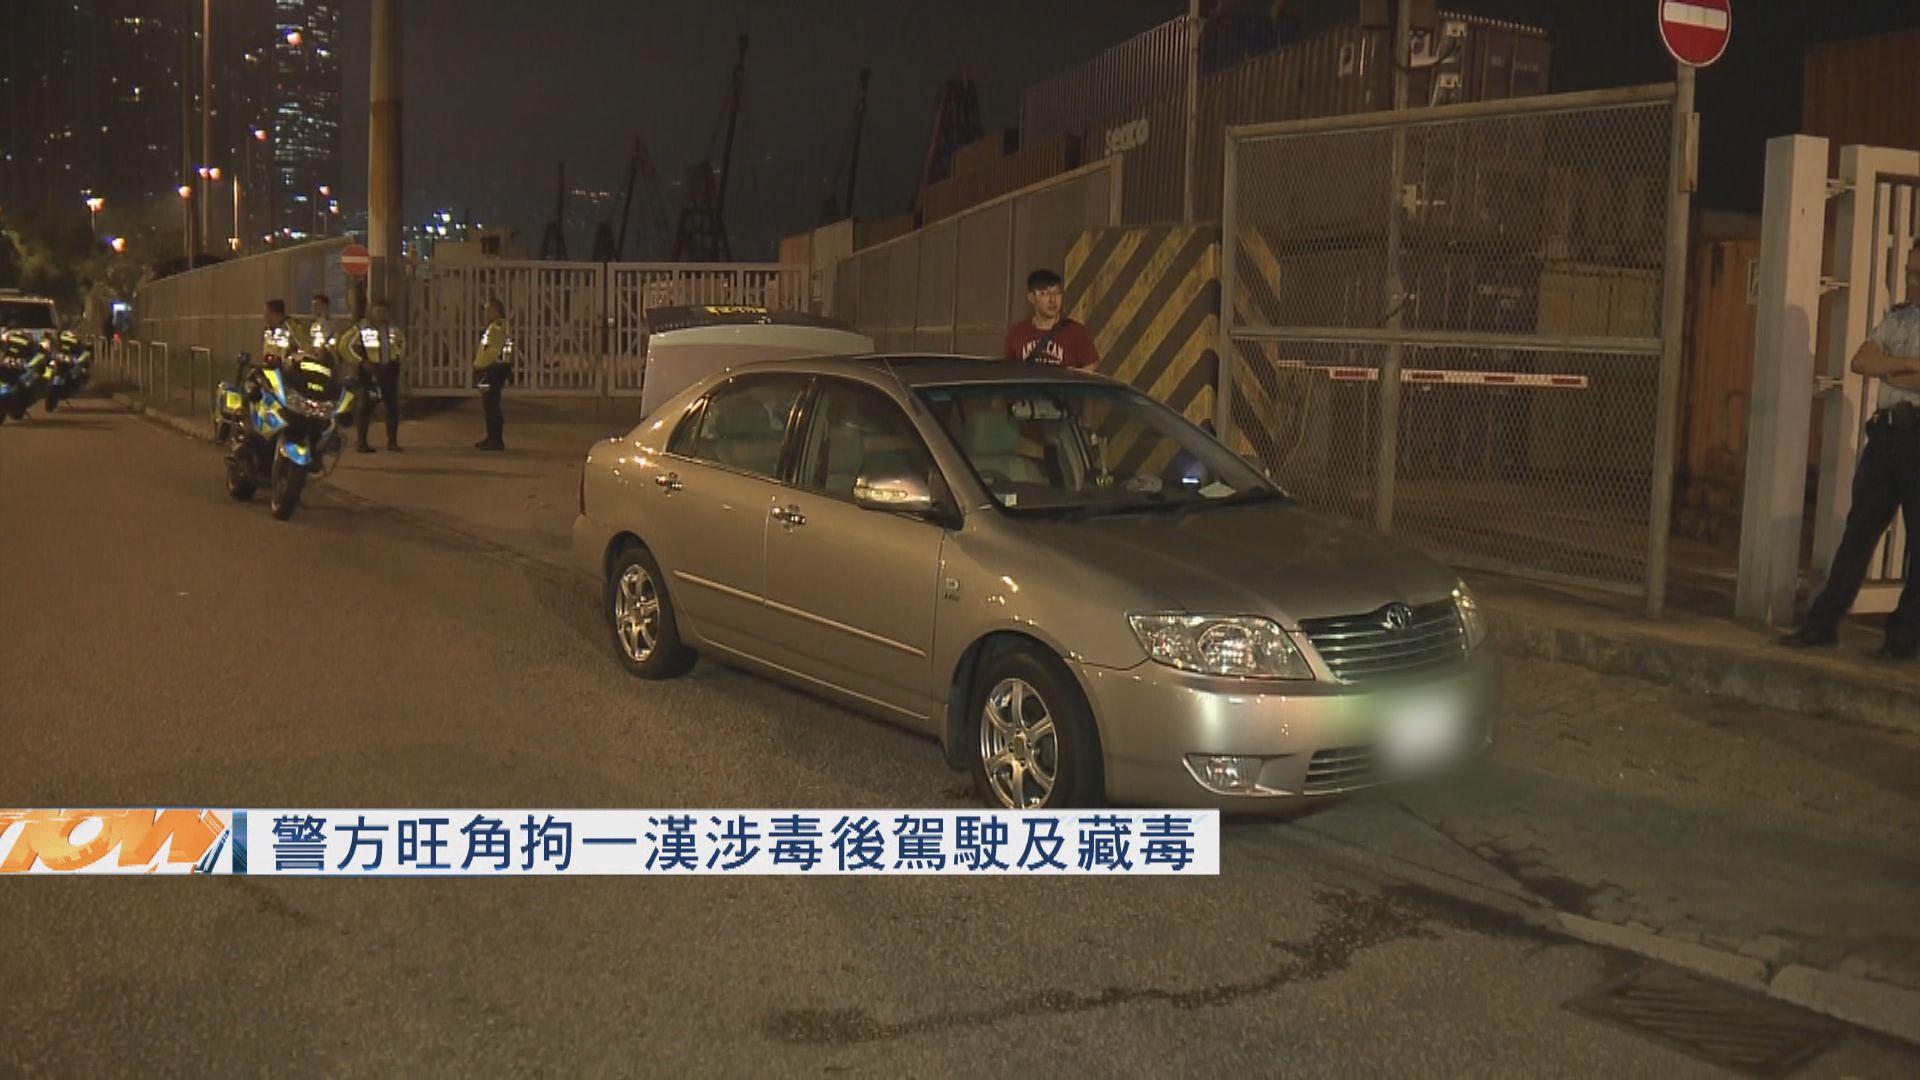 警方旺角拘一漢涉毒後駕駛及藏毒